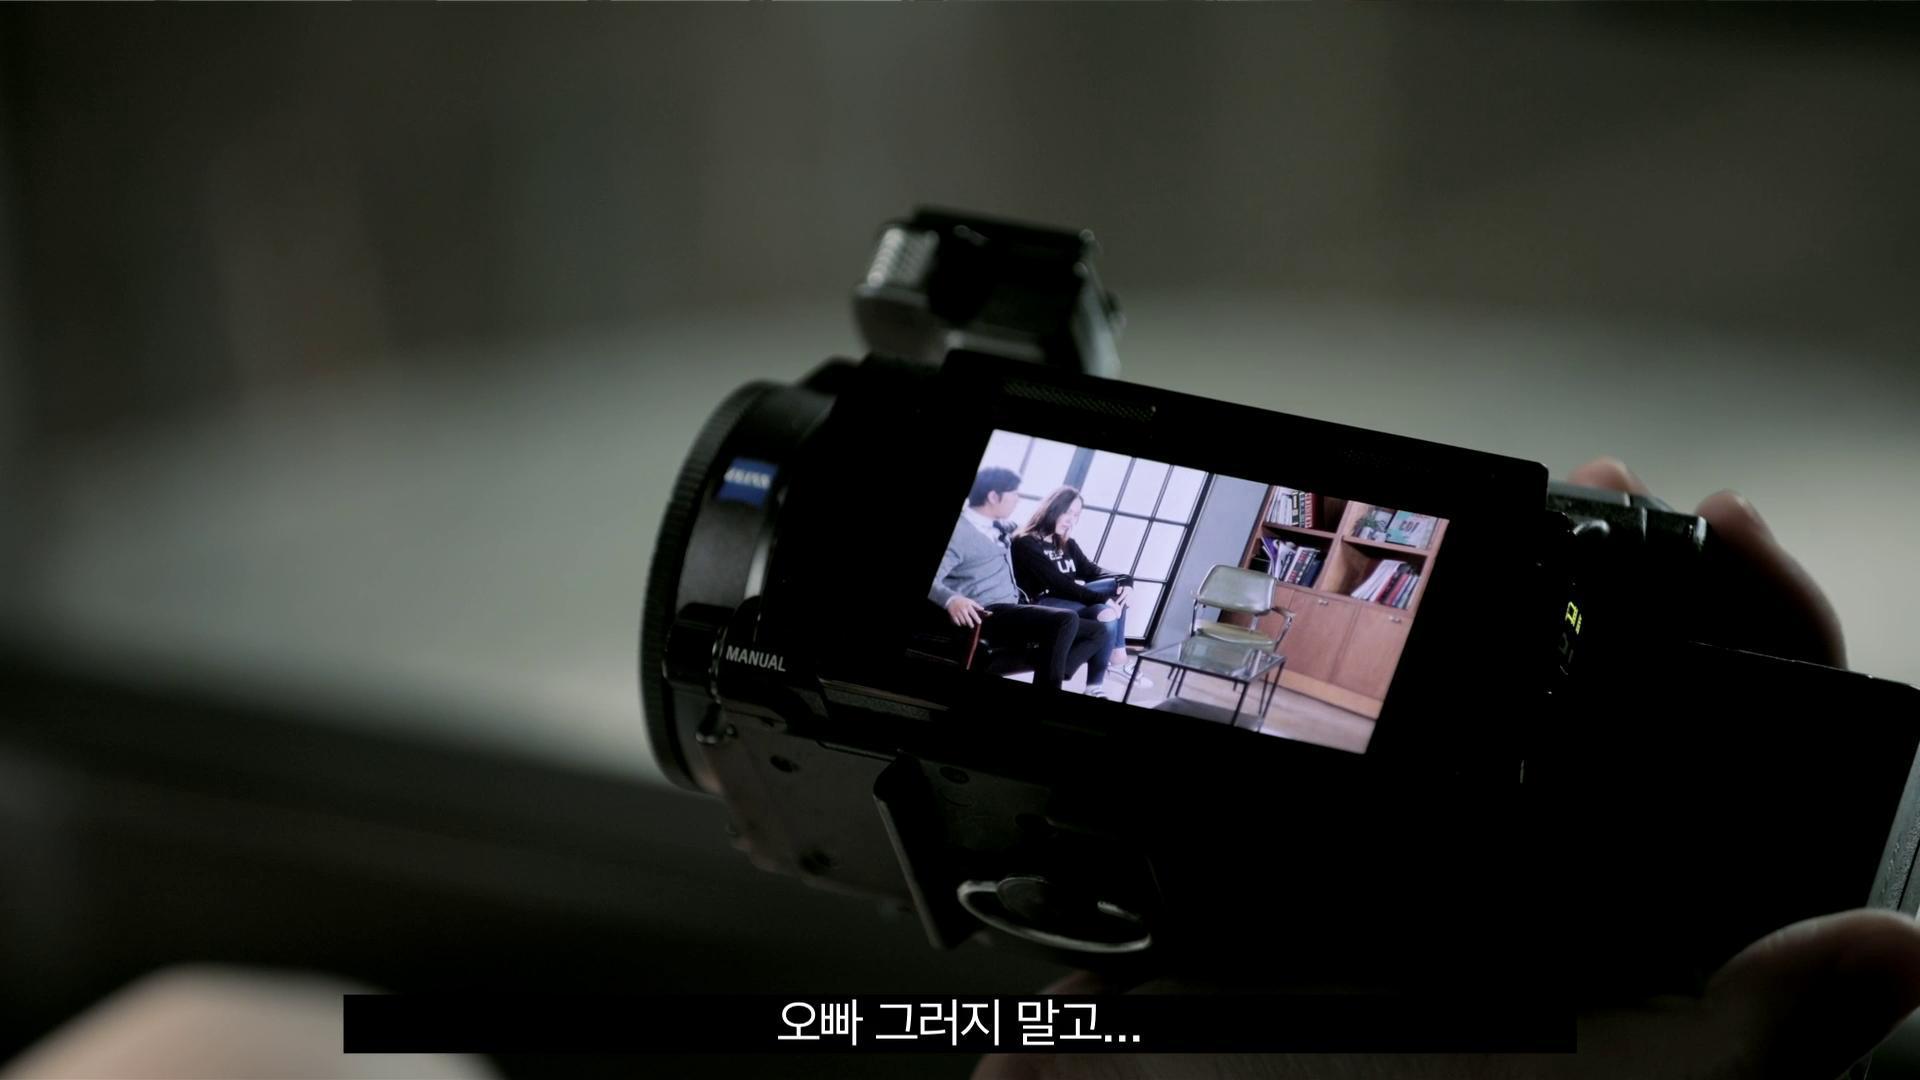 [소녀접근금지] 9화 - 다신 사랑 안해 (아재 오빠 태훈 下)